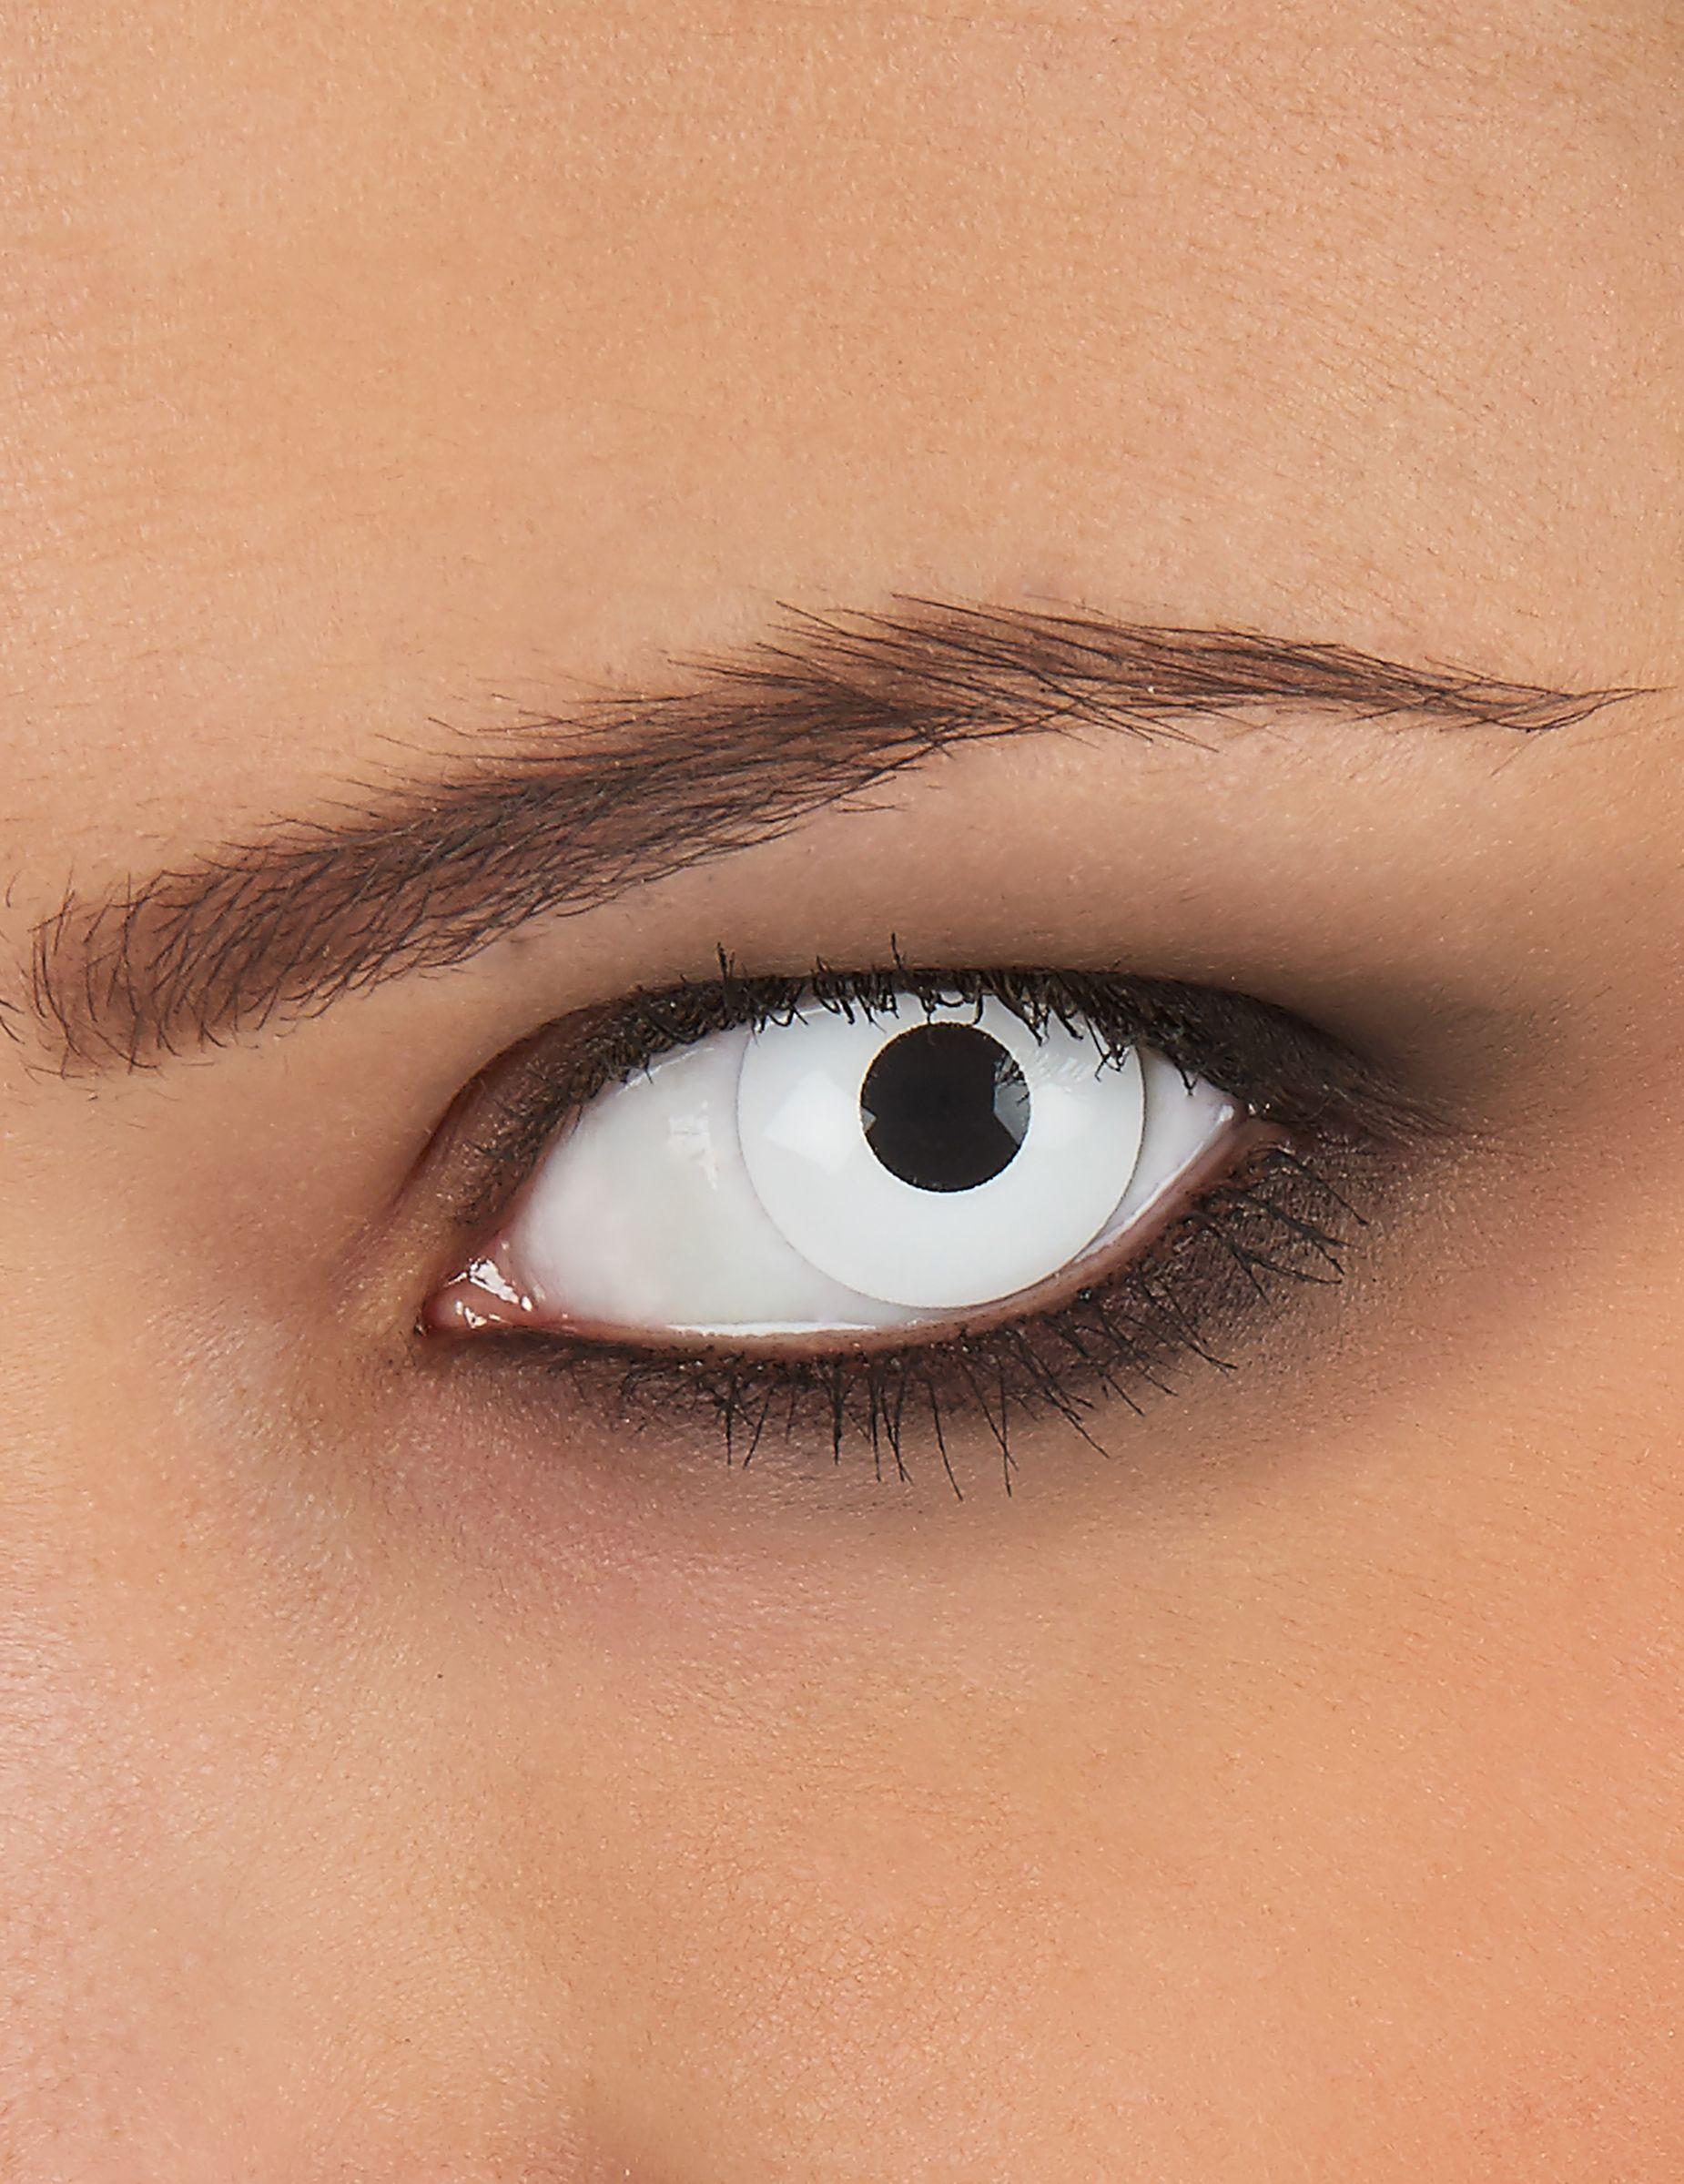 028109db96 Lentillas de contacto ojo blanco: Estas lentillas de contacto de fantasía  para adulto son de